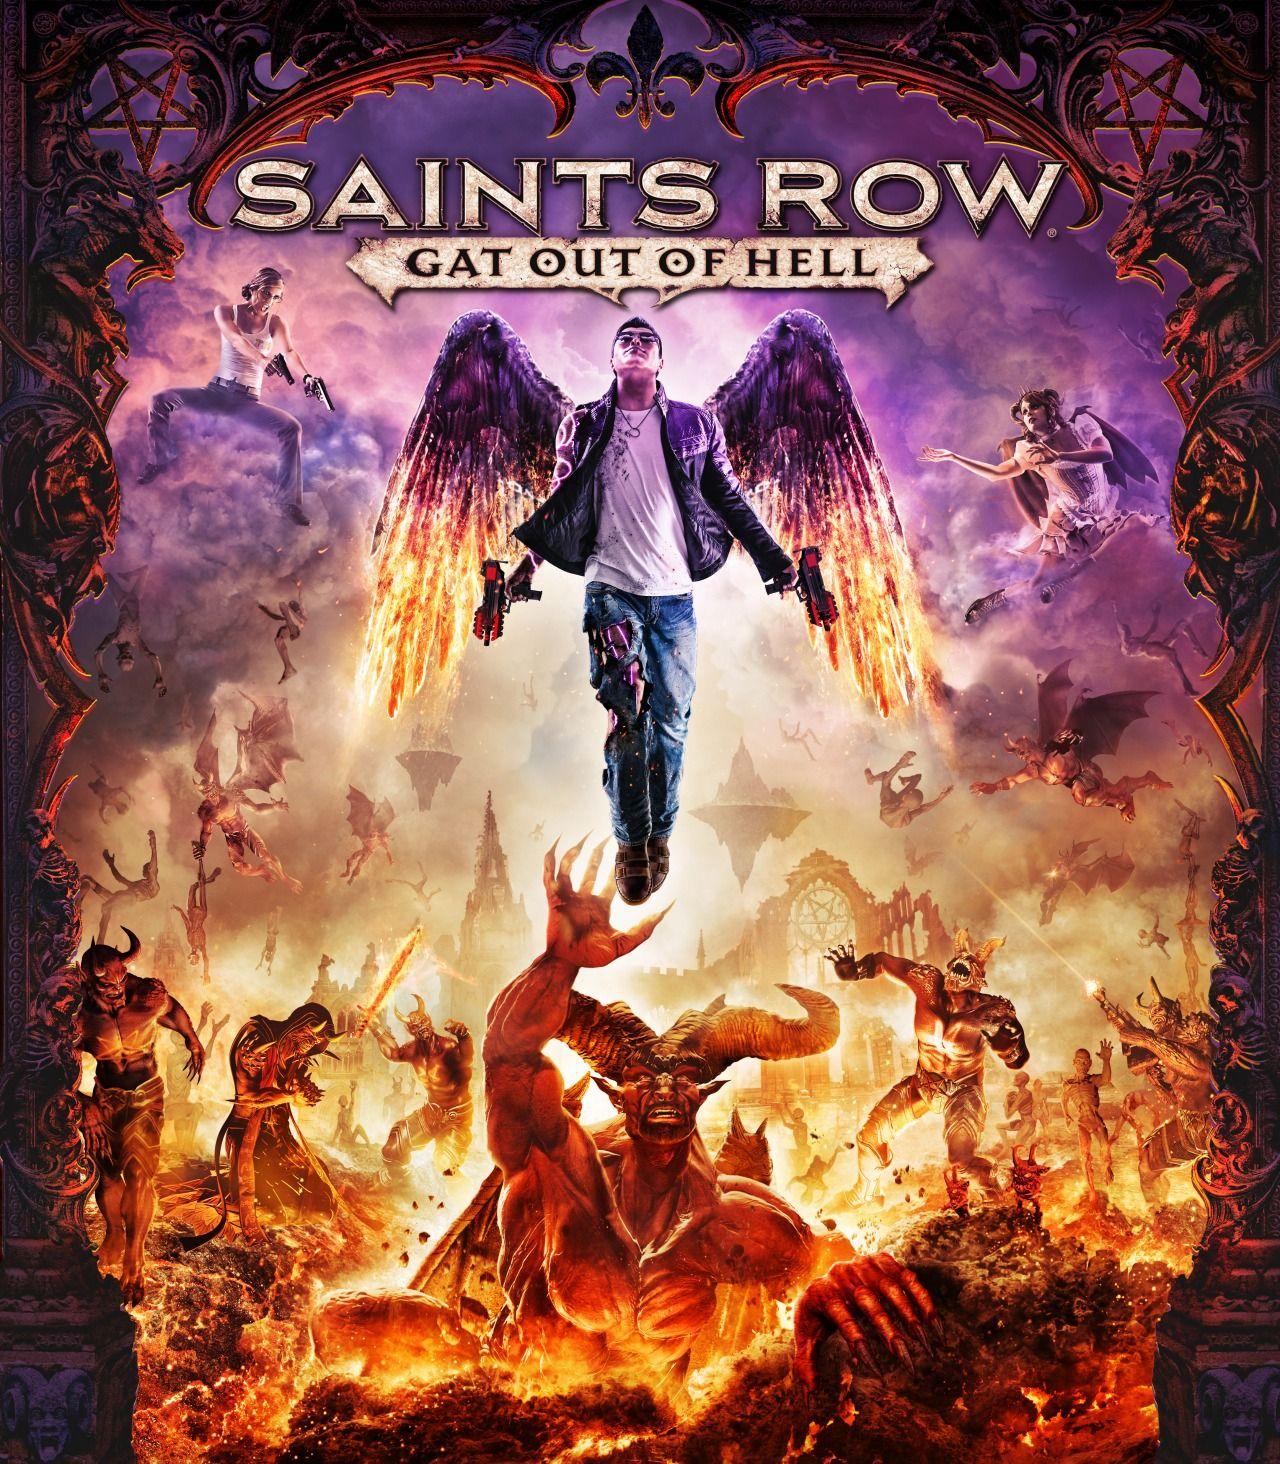 سال 2015 منتظر بازی Saints Row: Gat out of Hell باشید